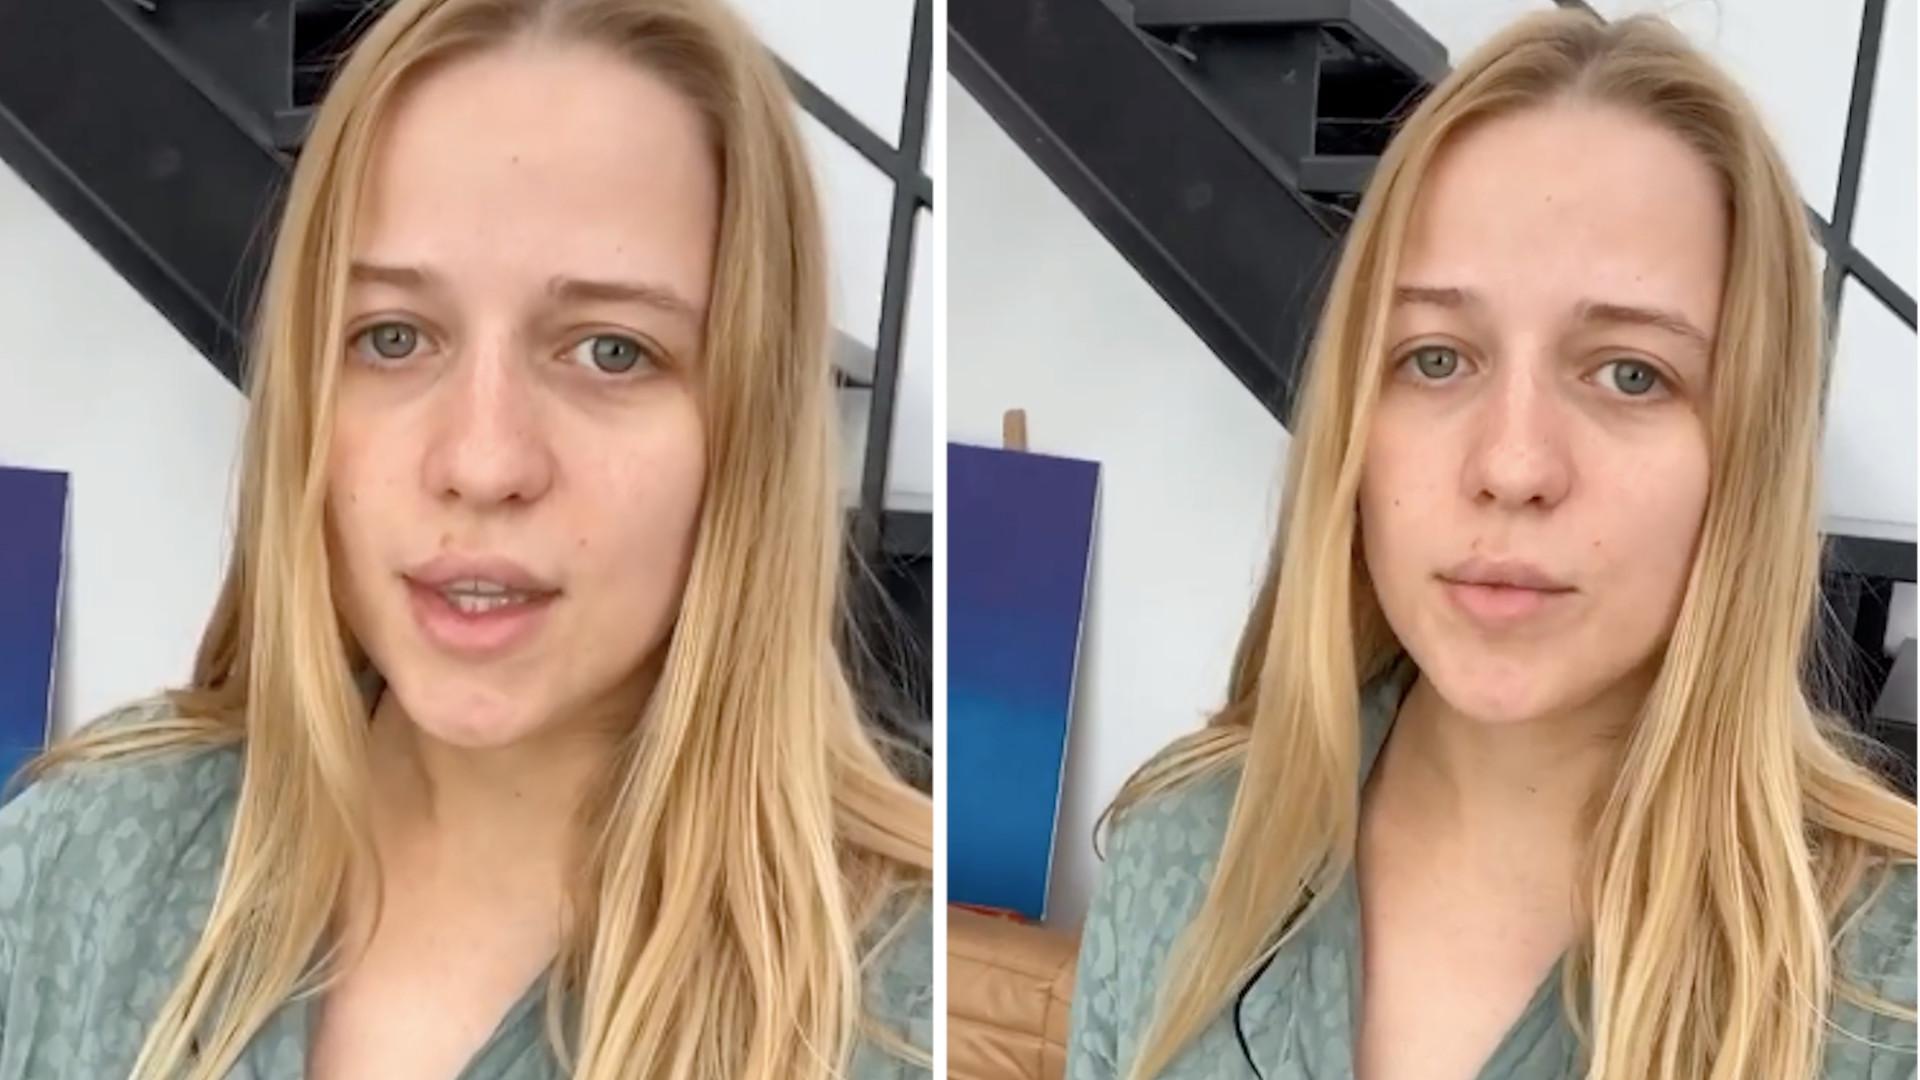 Jessica Mercedes zamknęła swój Instagram!